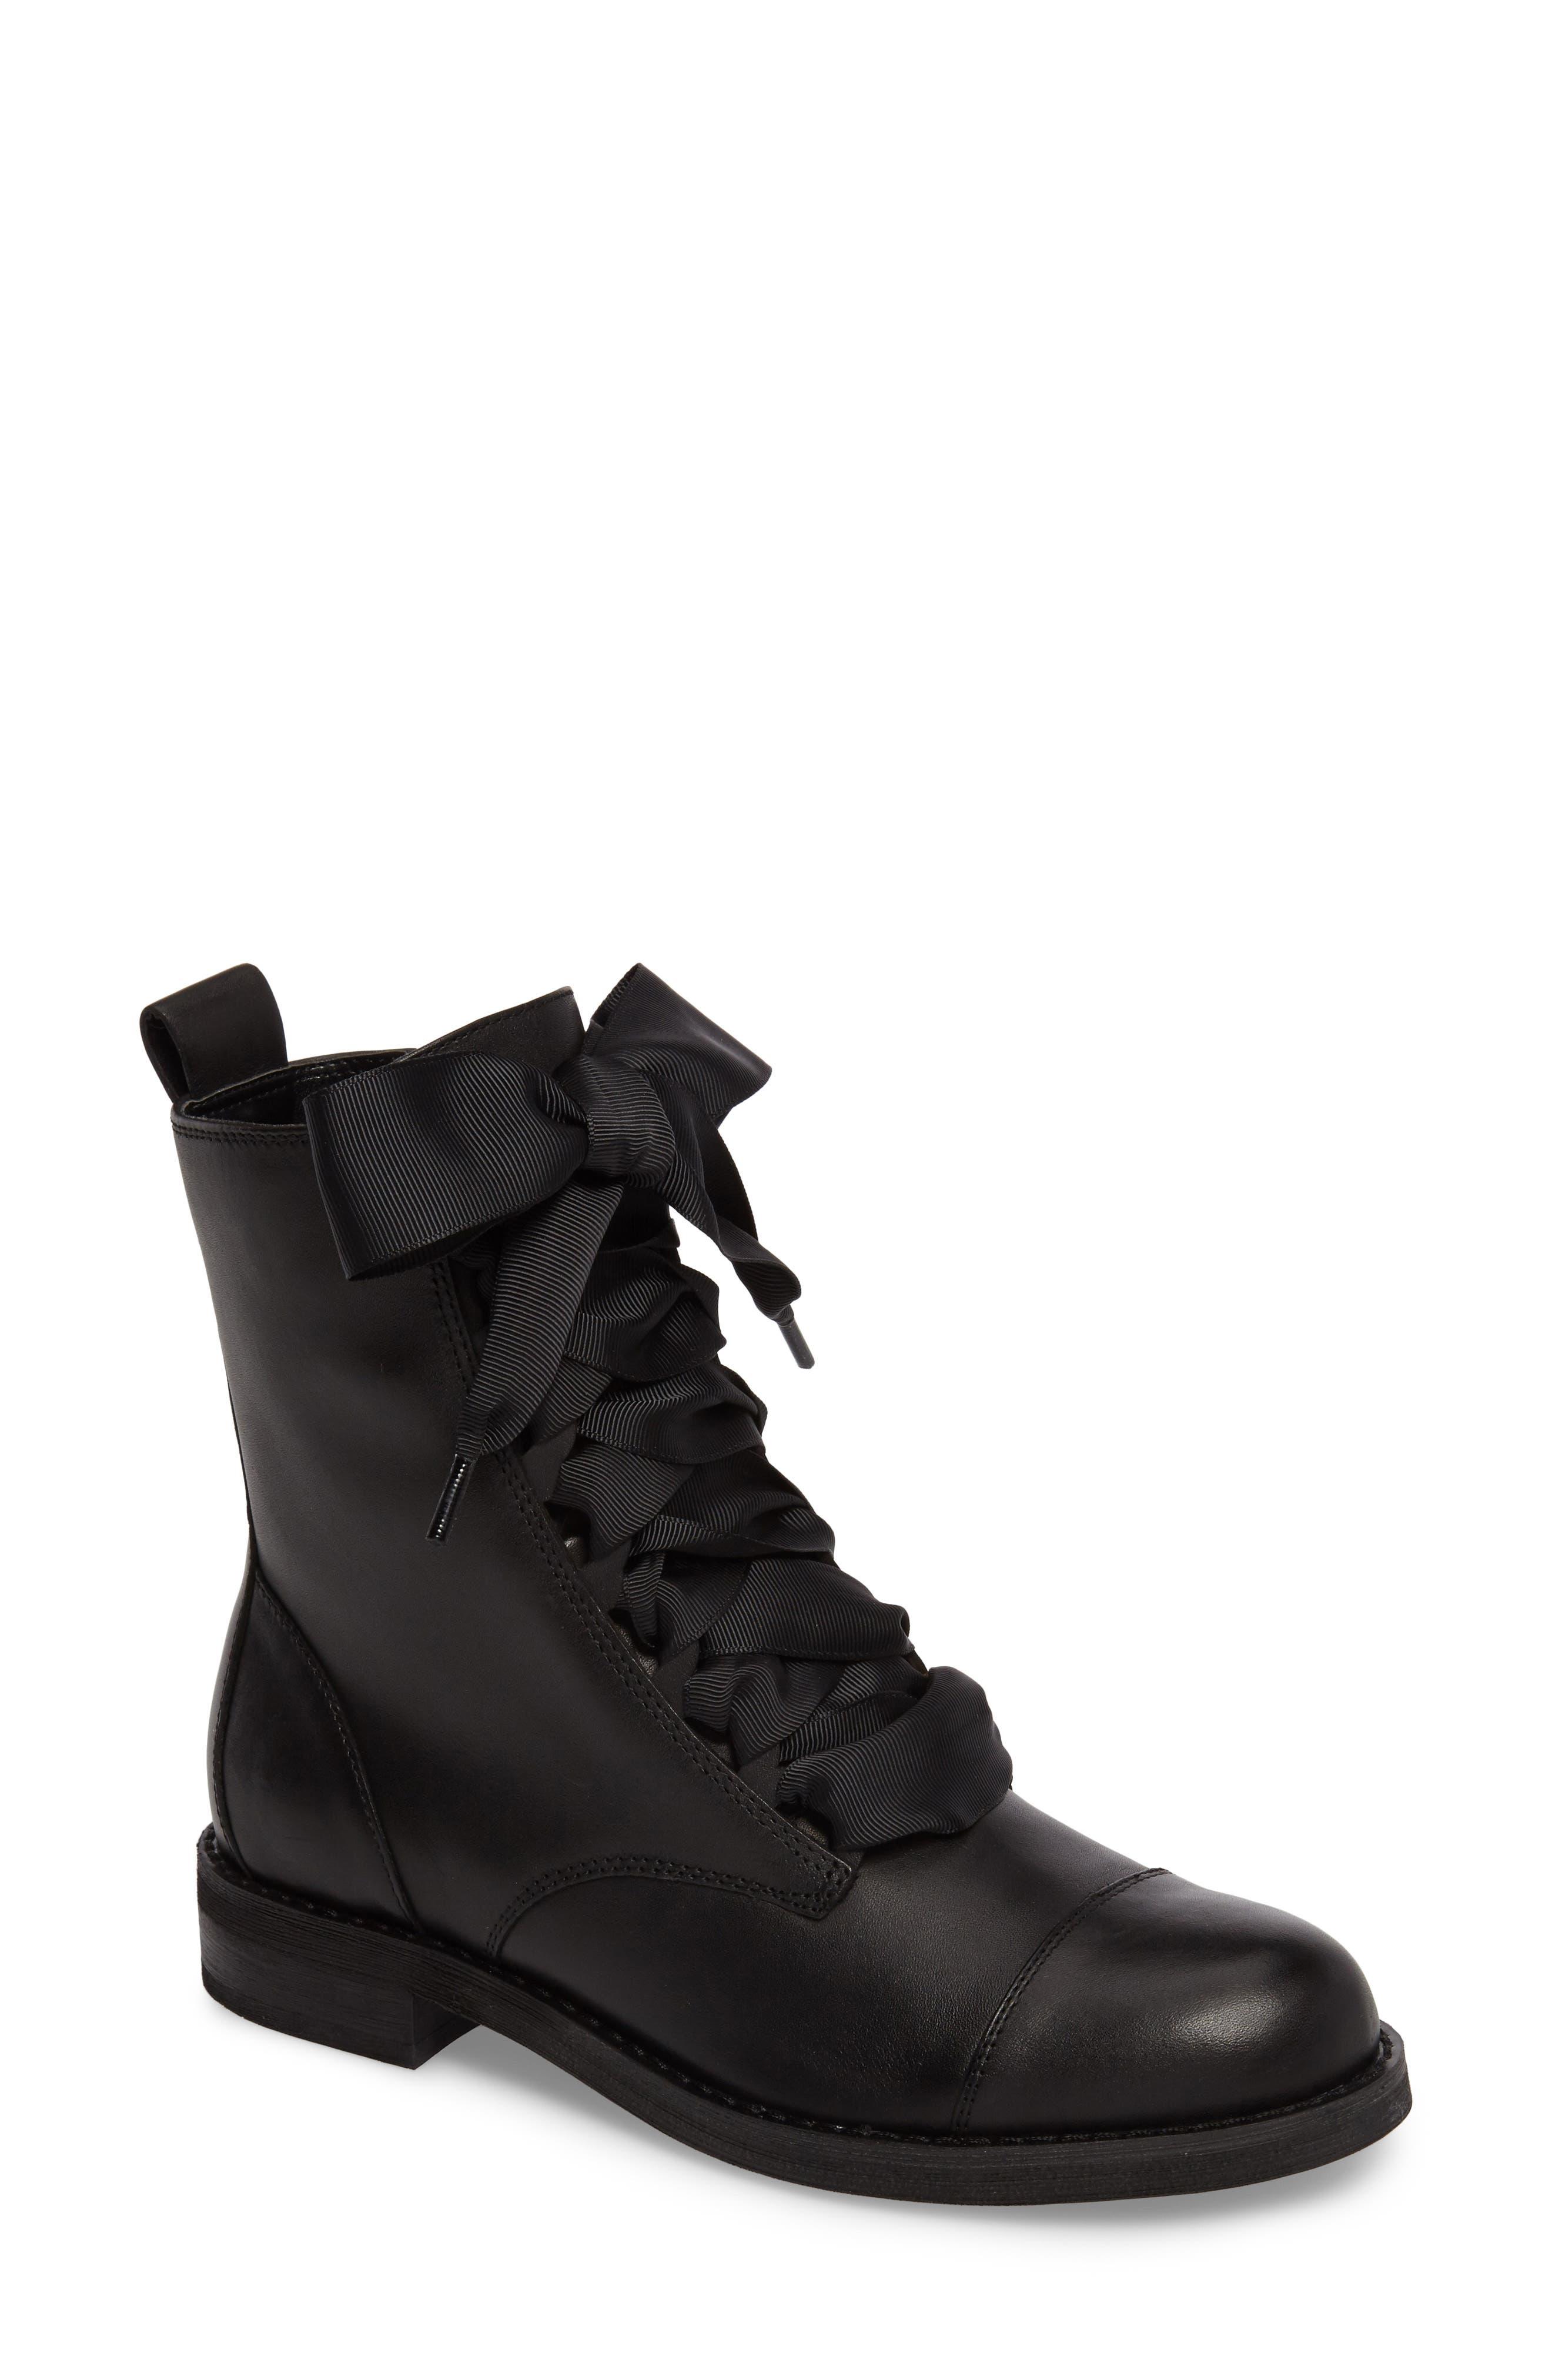 Lex Lace-Up Combat Boot,                             Main thumbnail 1, color,                             001